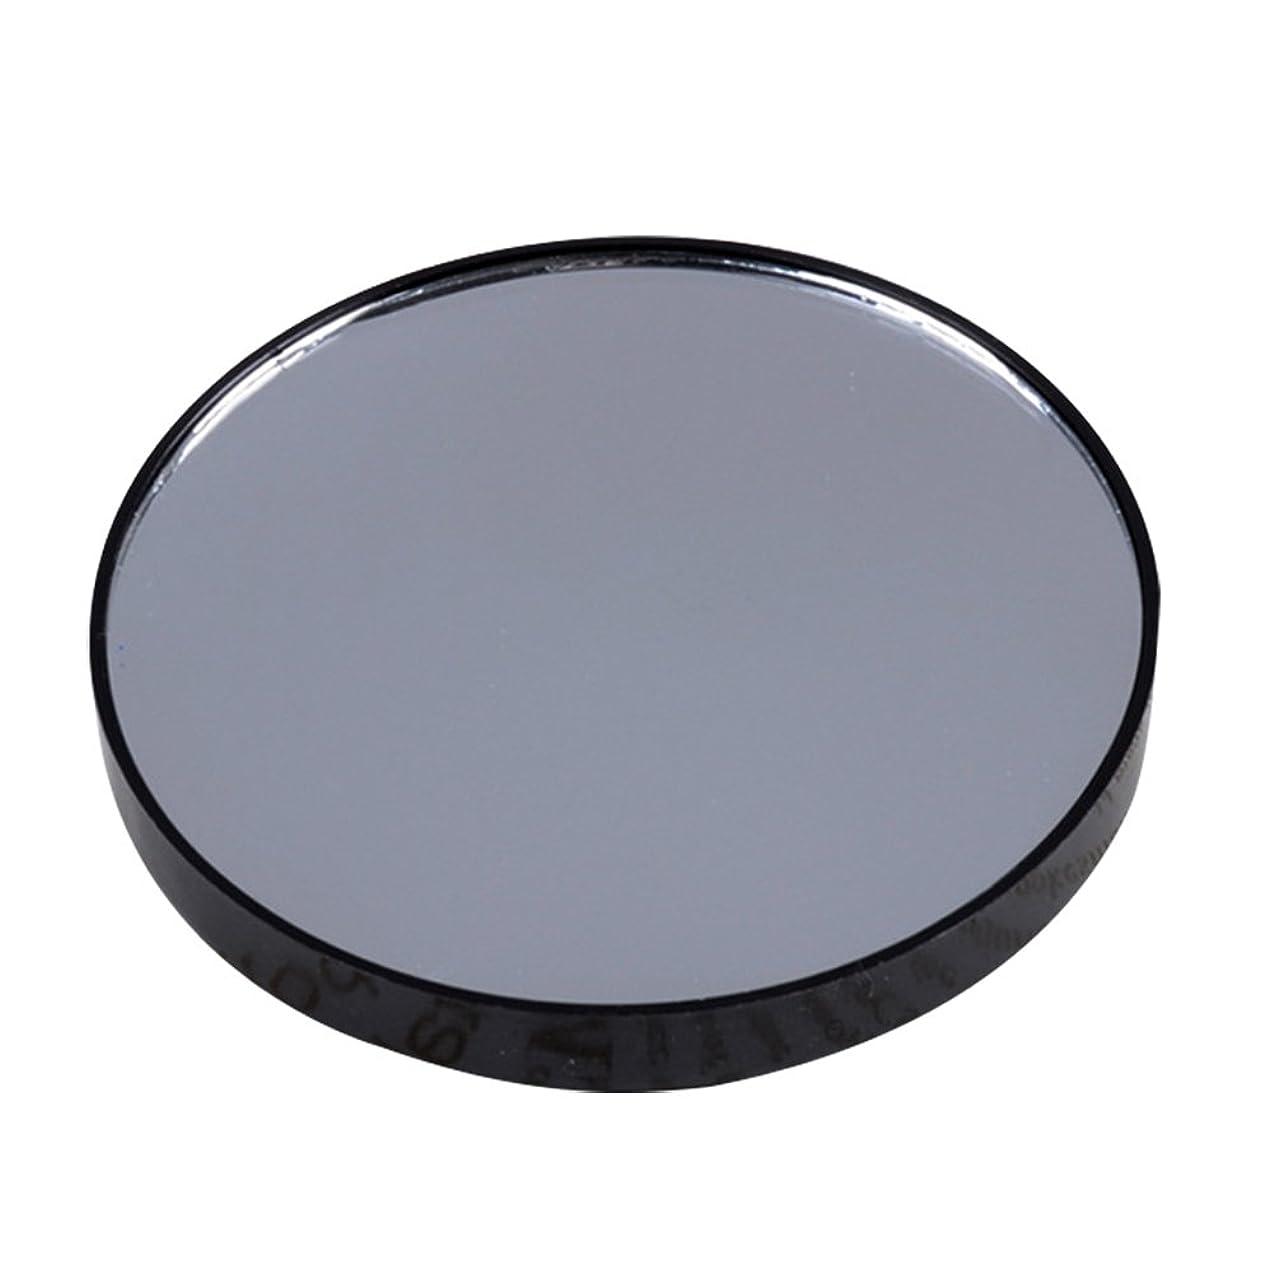 疎外する計器言うYideaHome メイクアップミラー 化粧鏡 拡大鏡 5倍 10倍 15倍 強力吸盤付き メイクミラー 化粧ミラー (10倍)